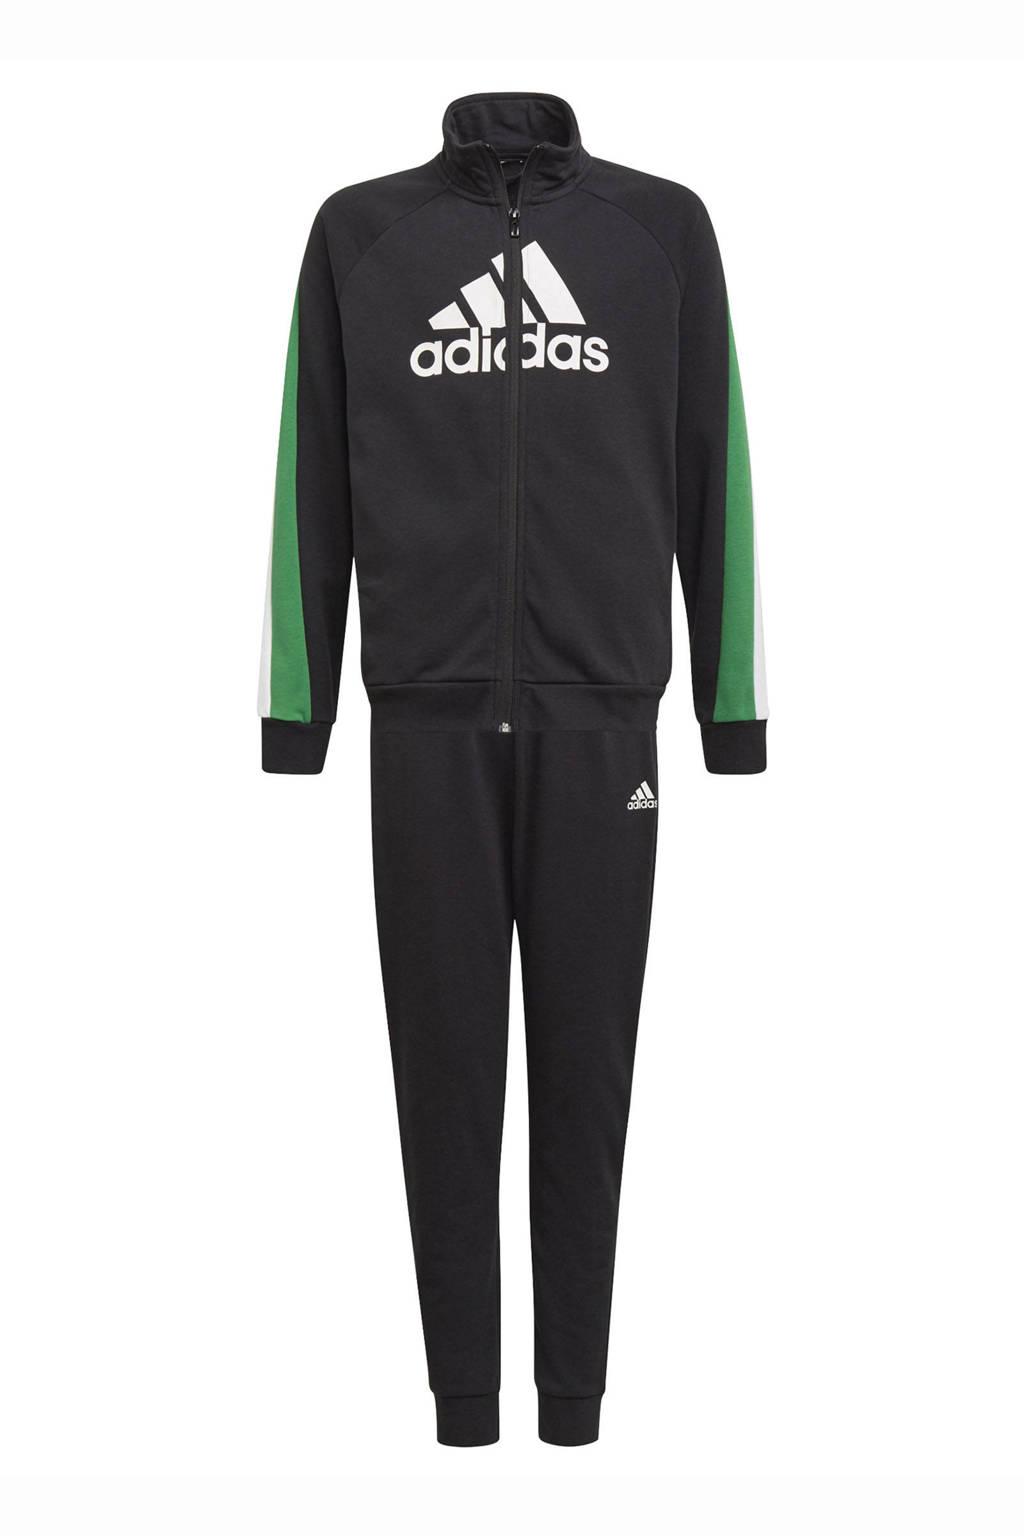 adidas Performance   trainingspak zwart/groen/wit, Zwart/groen/wit